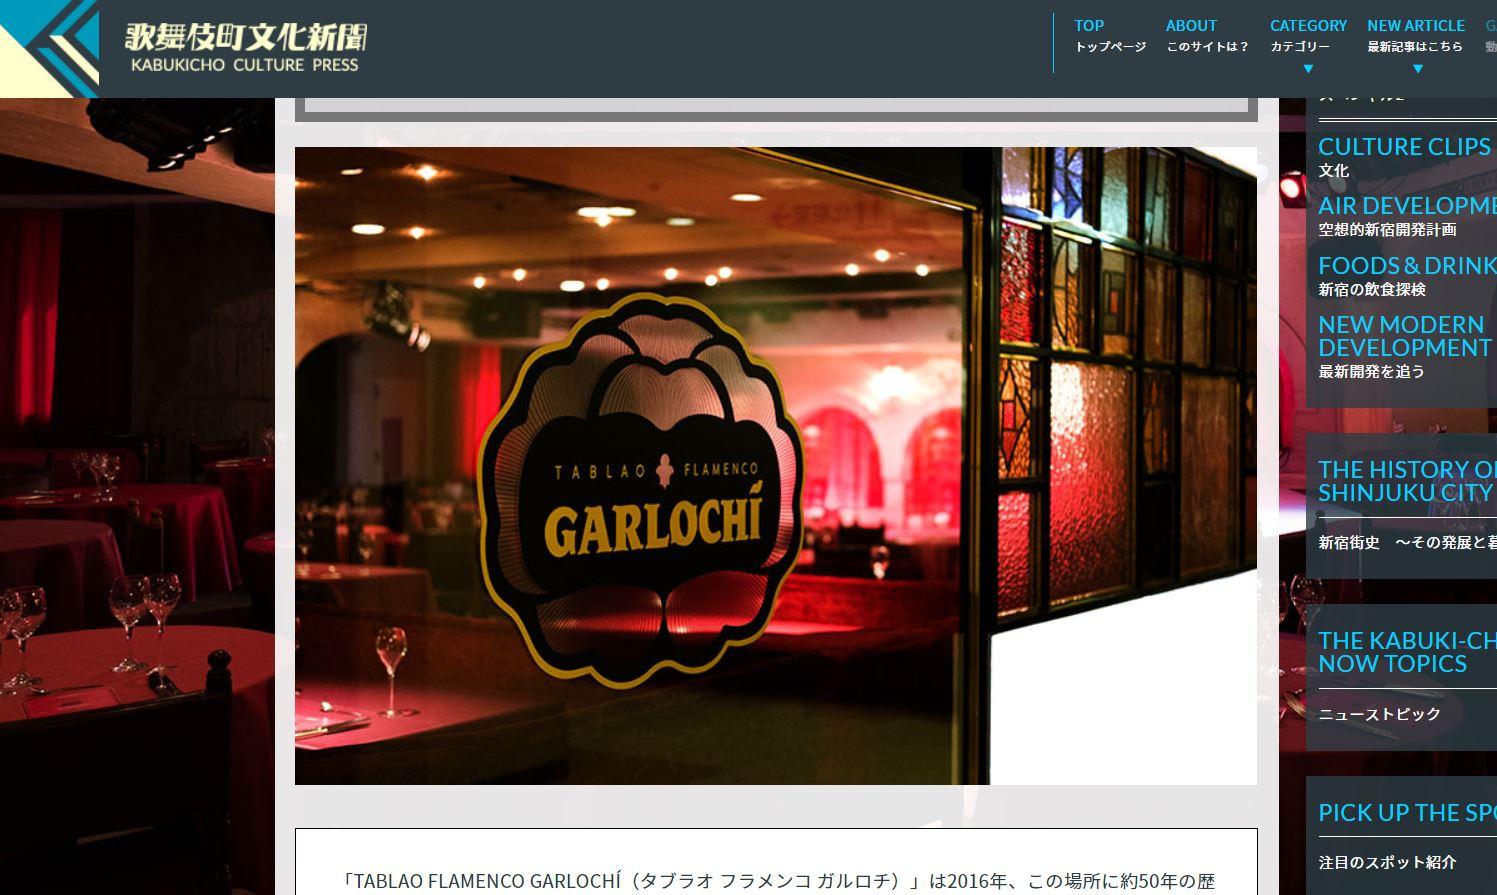 歌舞伎町に特化した情報サイトでガルロチが紹介されました。